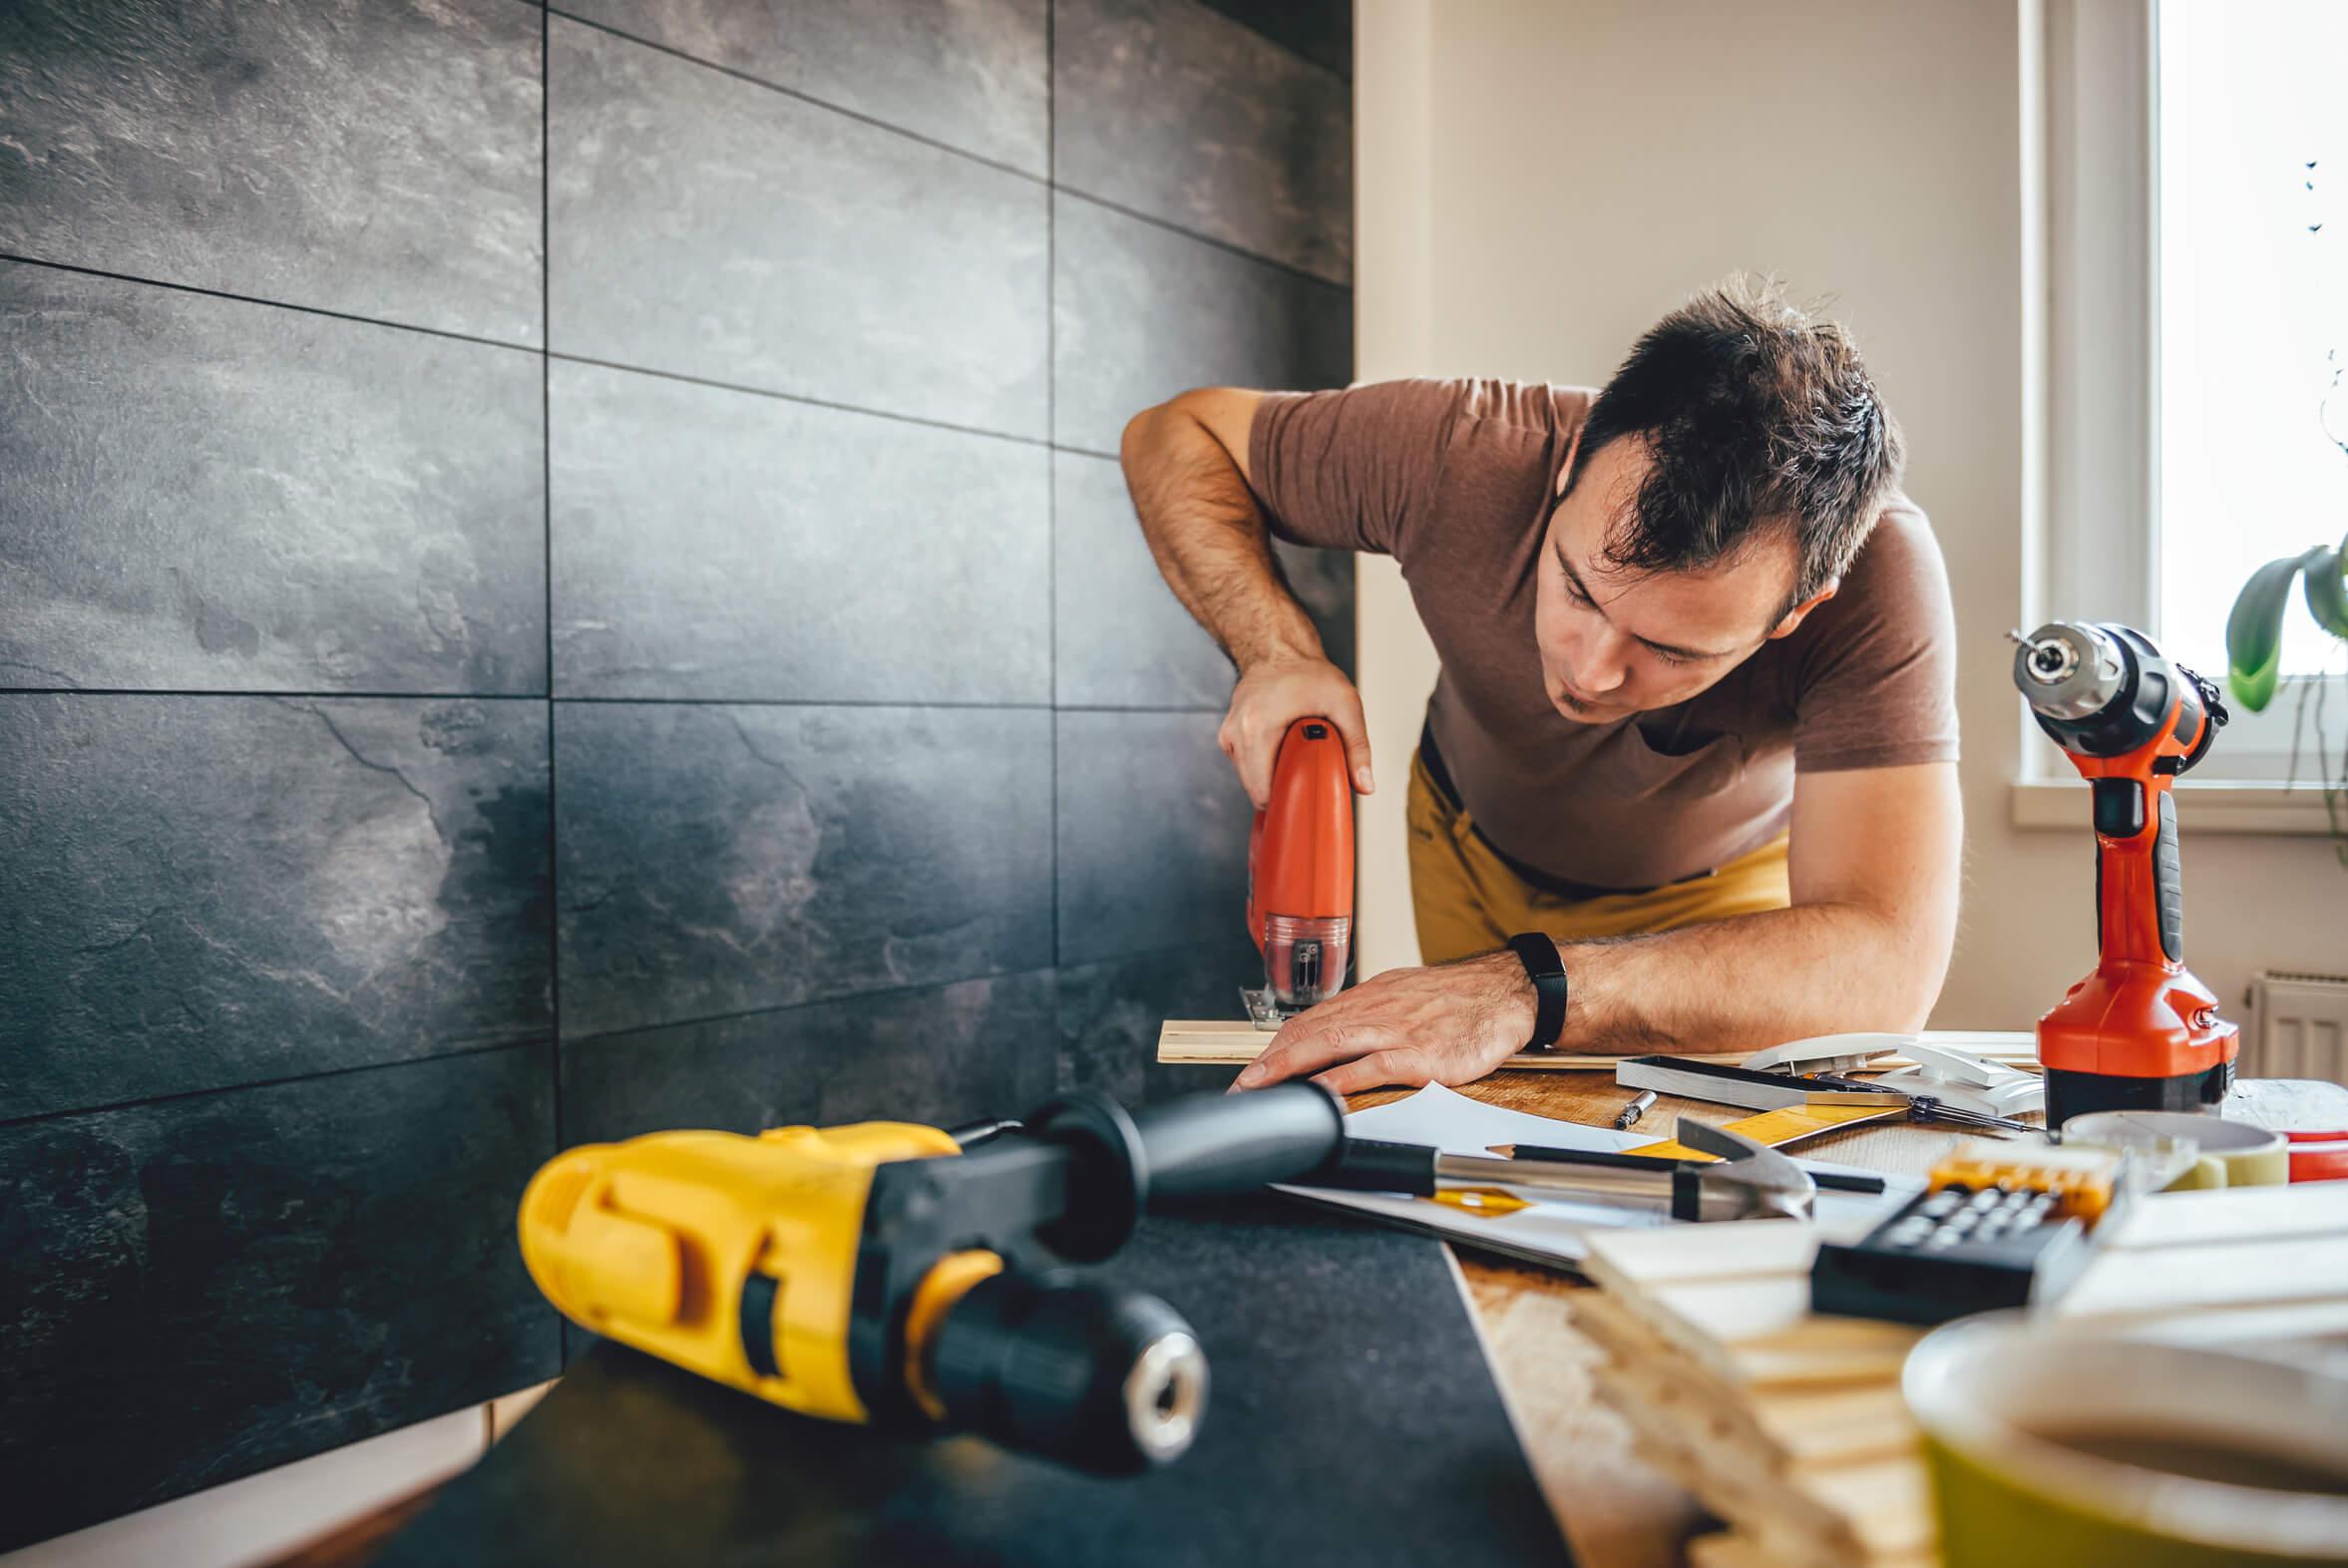 tout savoir sur le ch que emploi service universel cesu vous. Black Bedroom Furniture Sets. Home Design Ideas